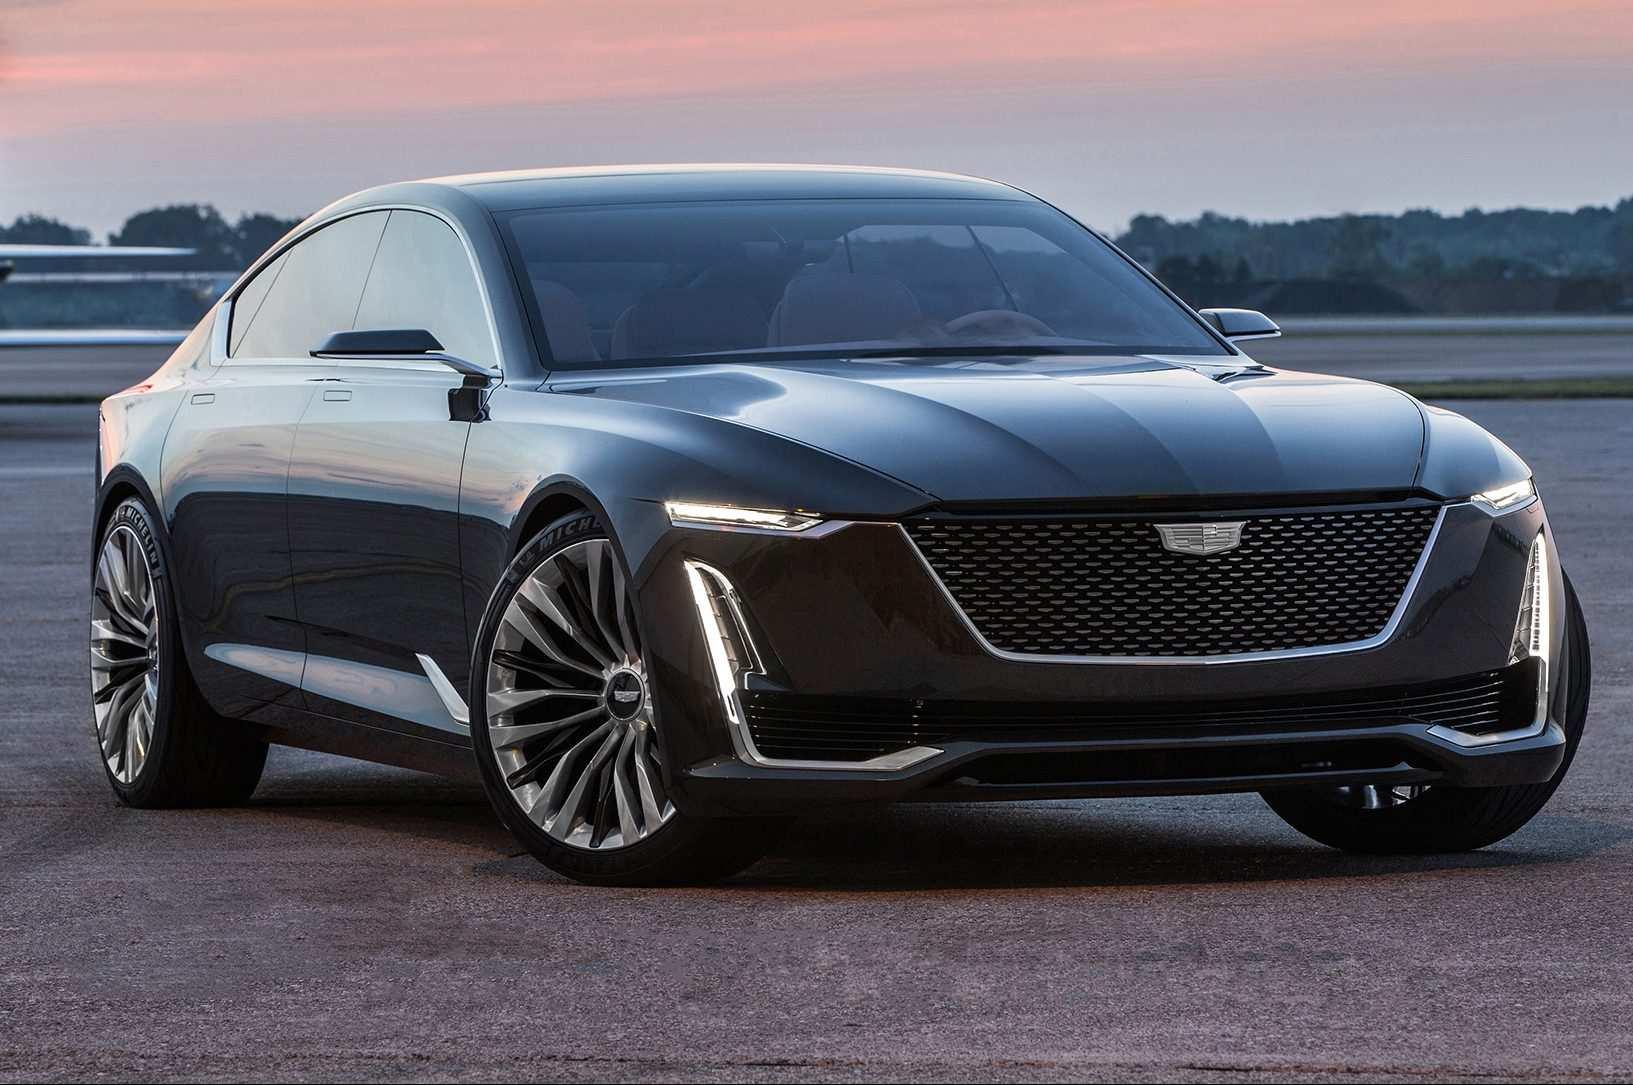 65 Concept of 2019 Cadillac Escala Convertible Spesification for 2019 Cadillac Escala Convertible